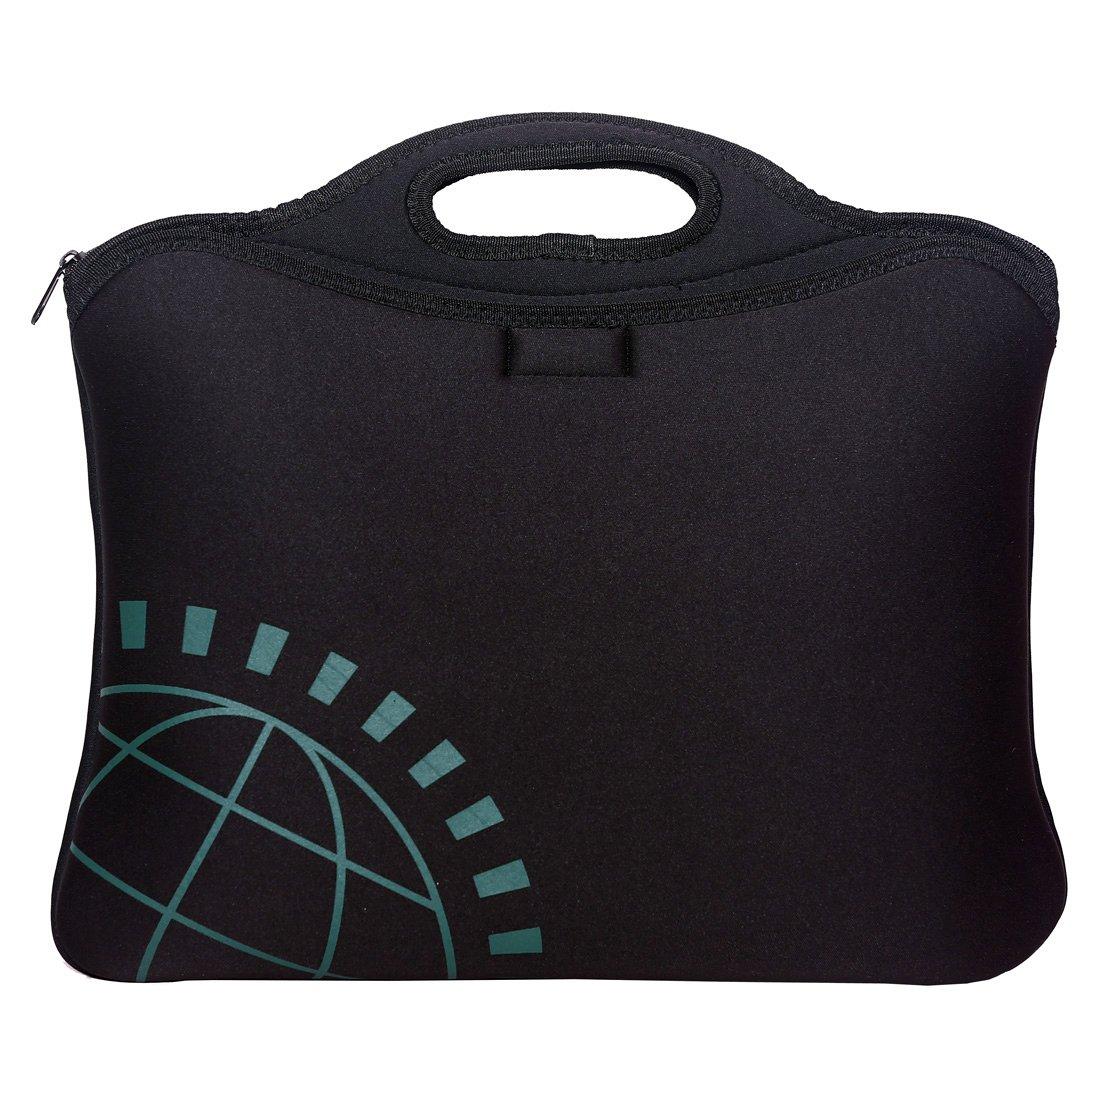 Leberna Schutzhülle für Laptops Hülle Aktentasche mit Griff 14 Zoll